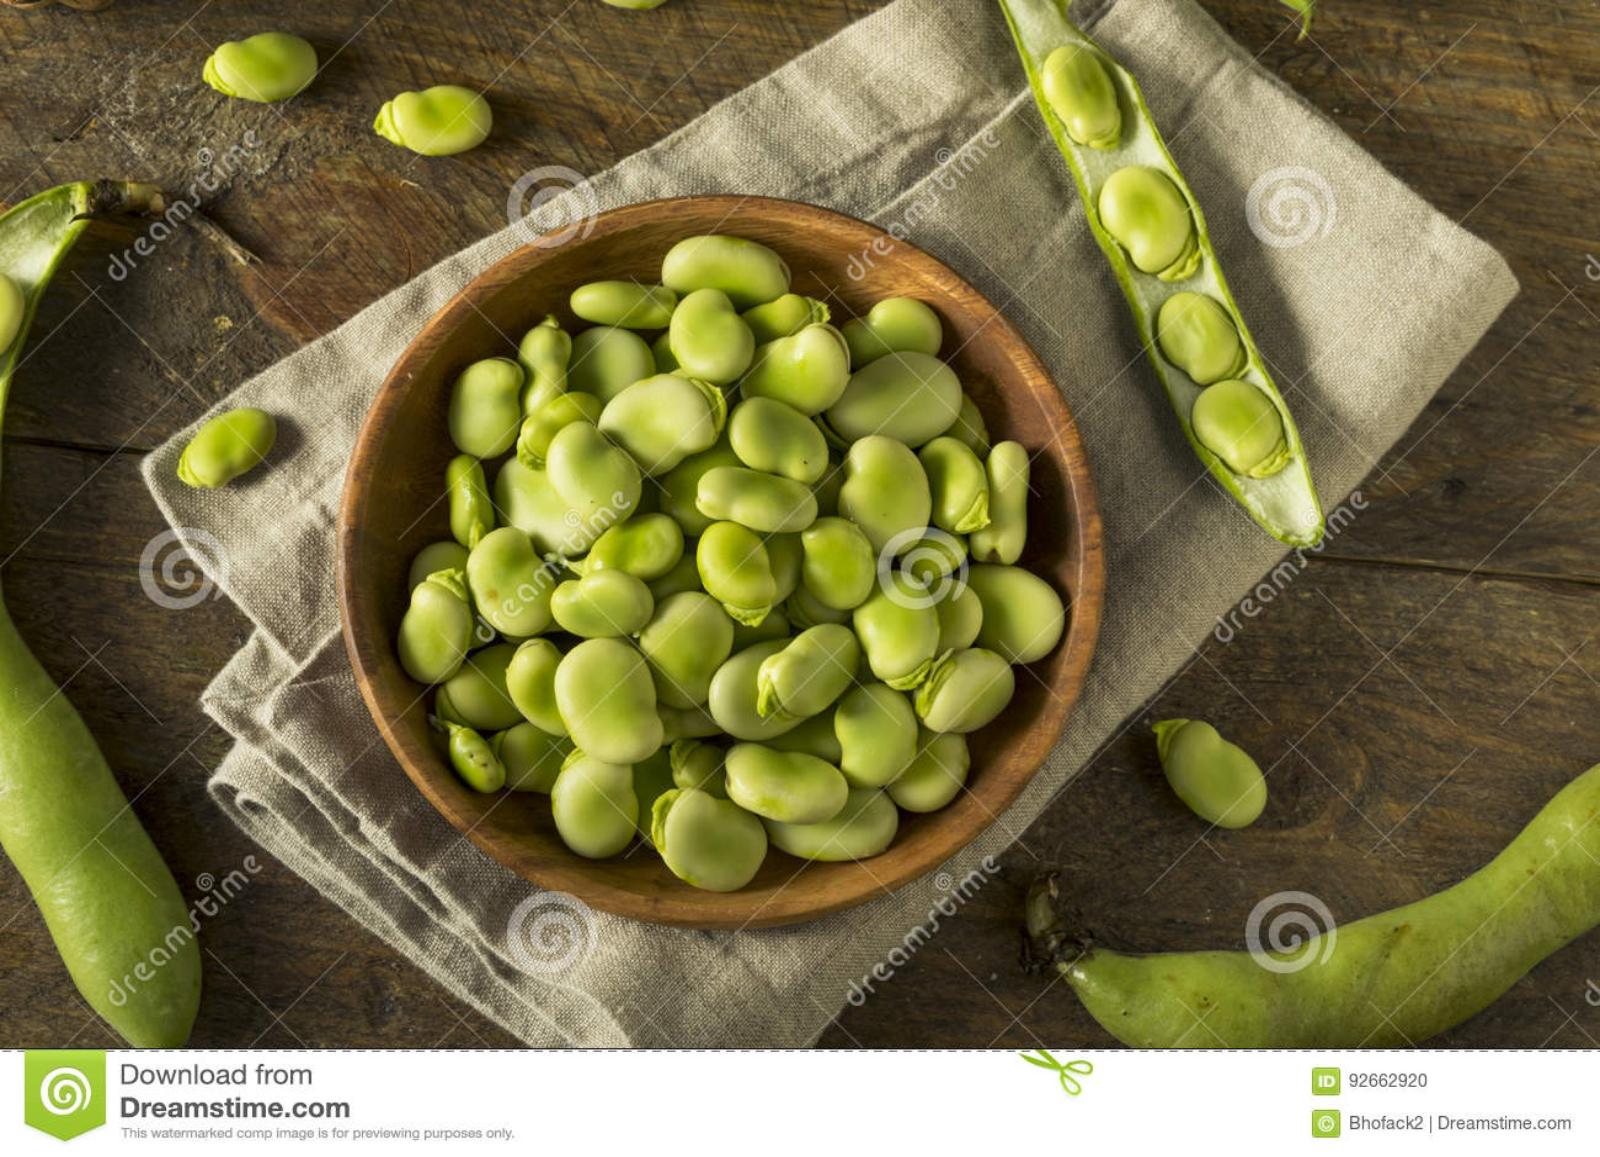 未加工的有机新鲜的绿色蚕豆